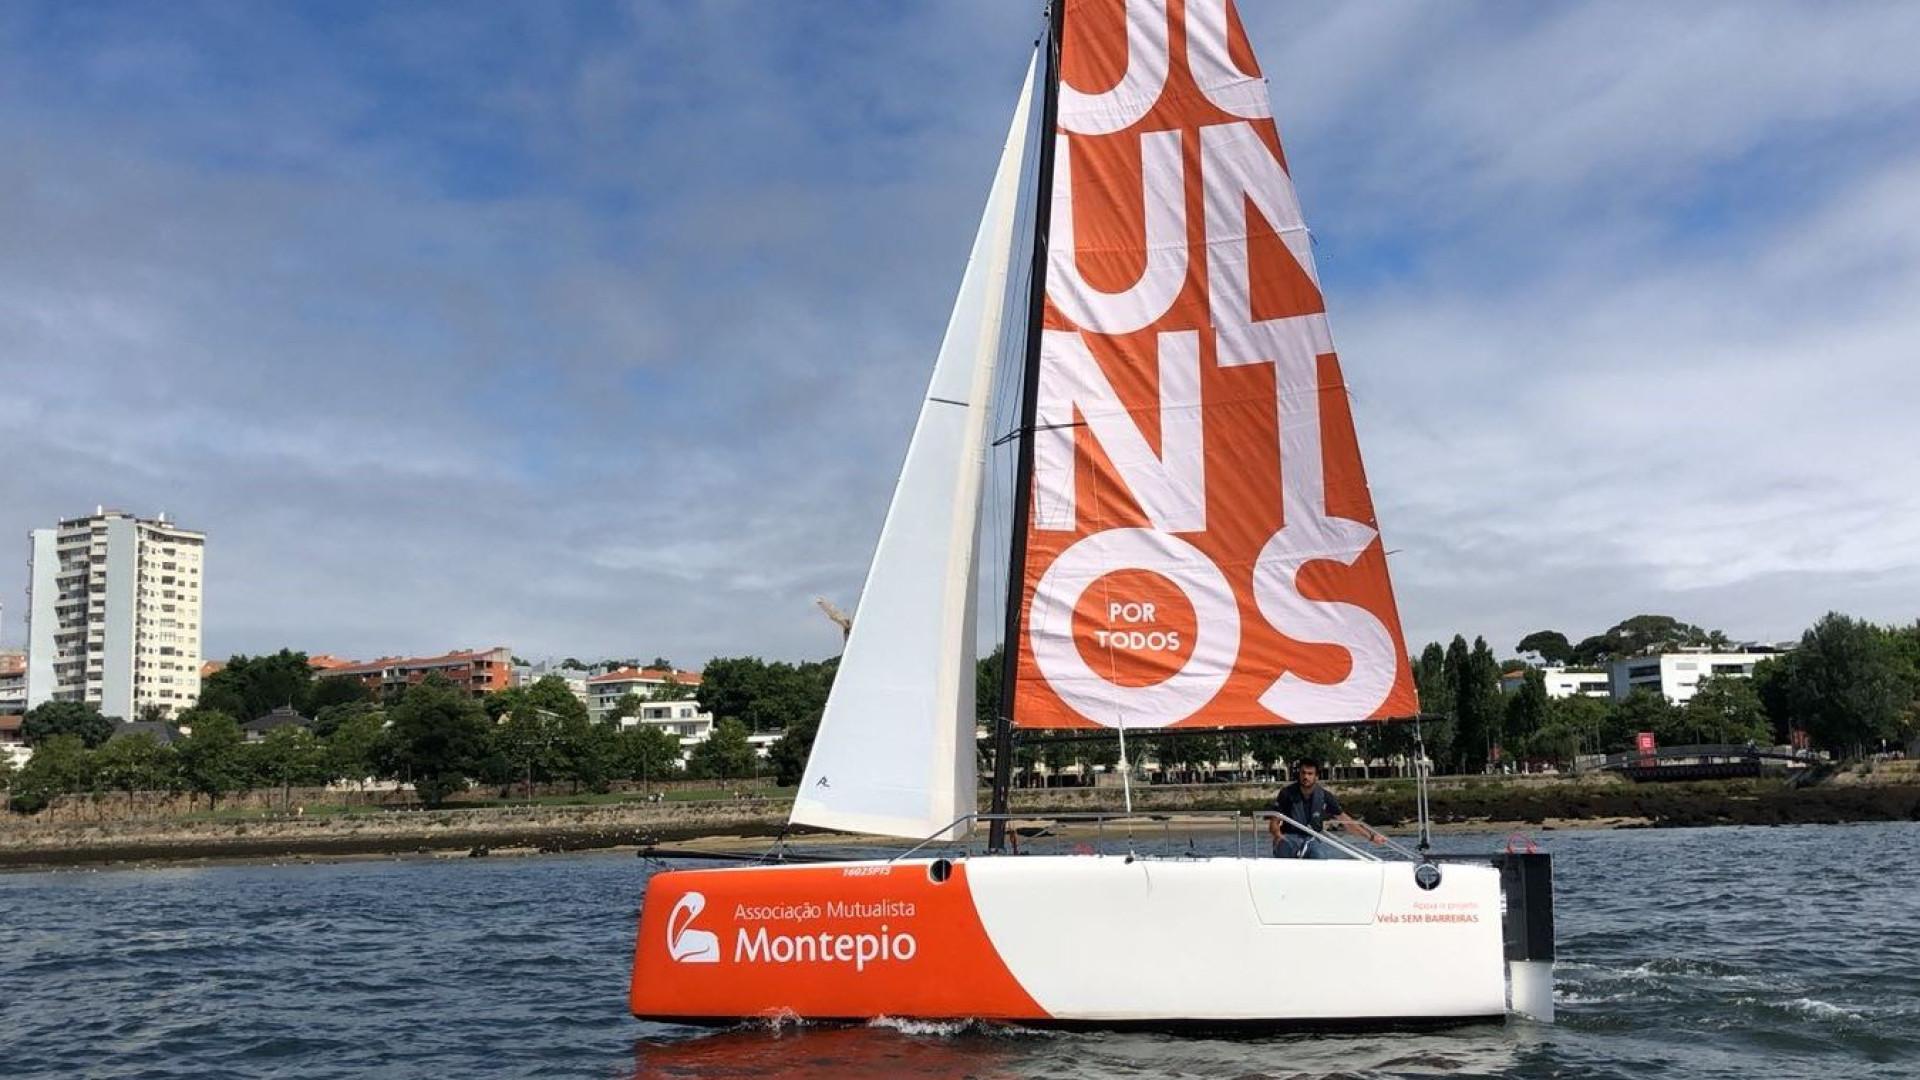 Foi criado o primeiro barco à vela para pessoas com mobilidade reduzida